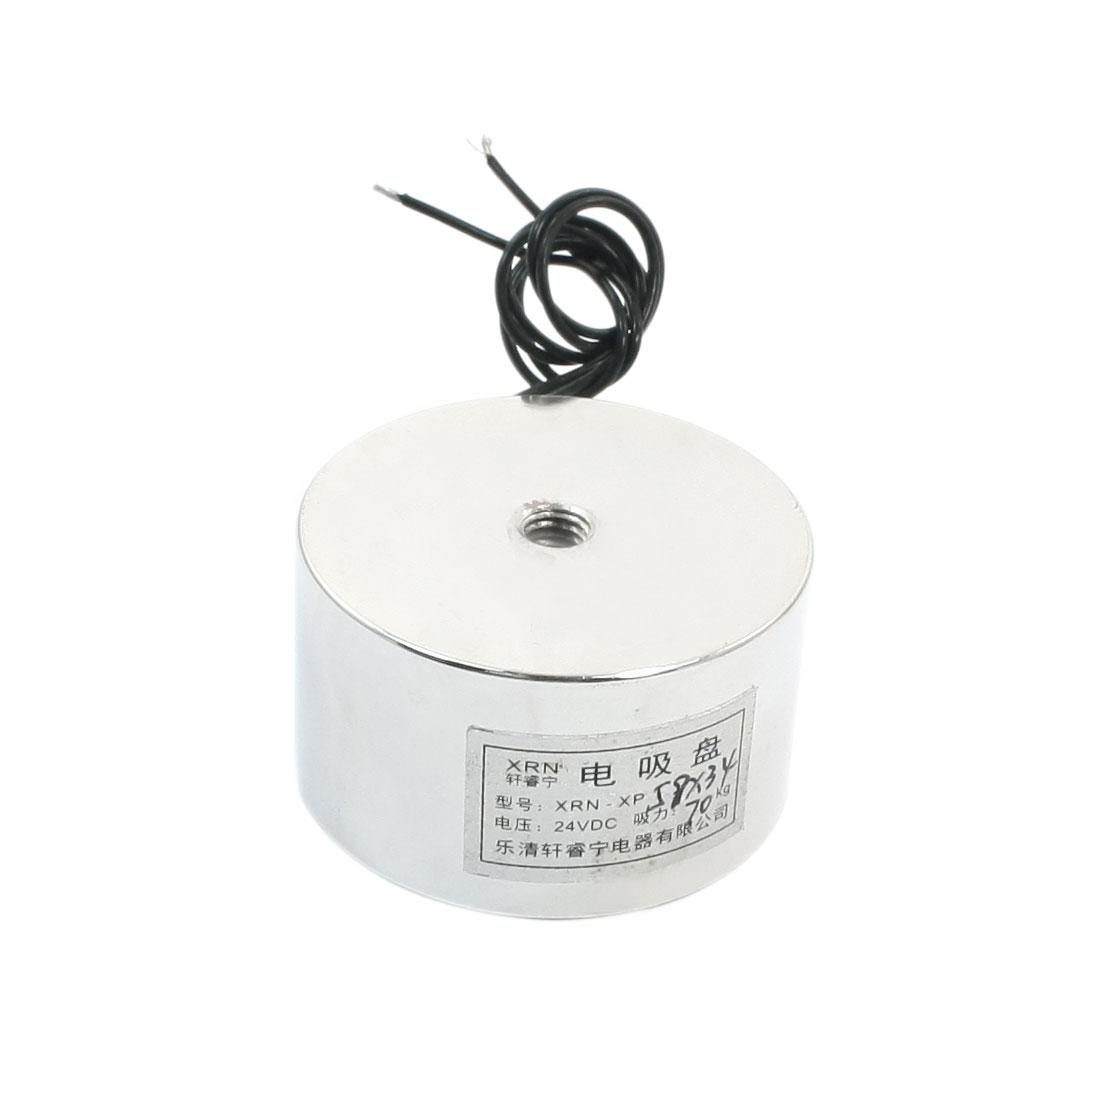 70Kg/154Lb 25cm Two Wires Holding Electromagnet Solenoid DC24V 0.5A